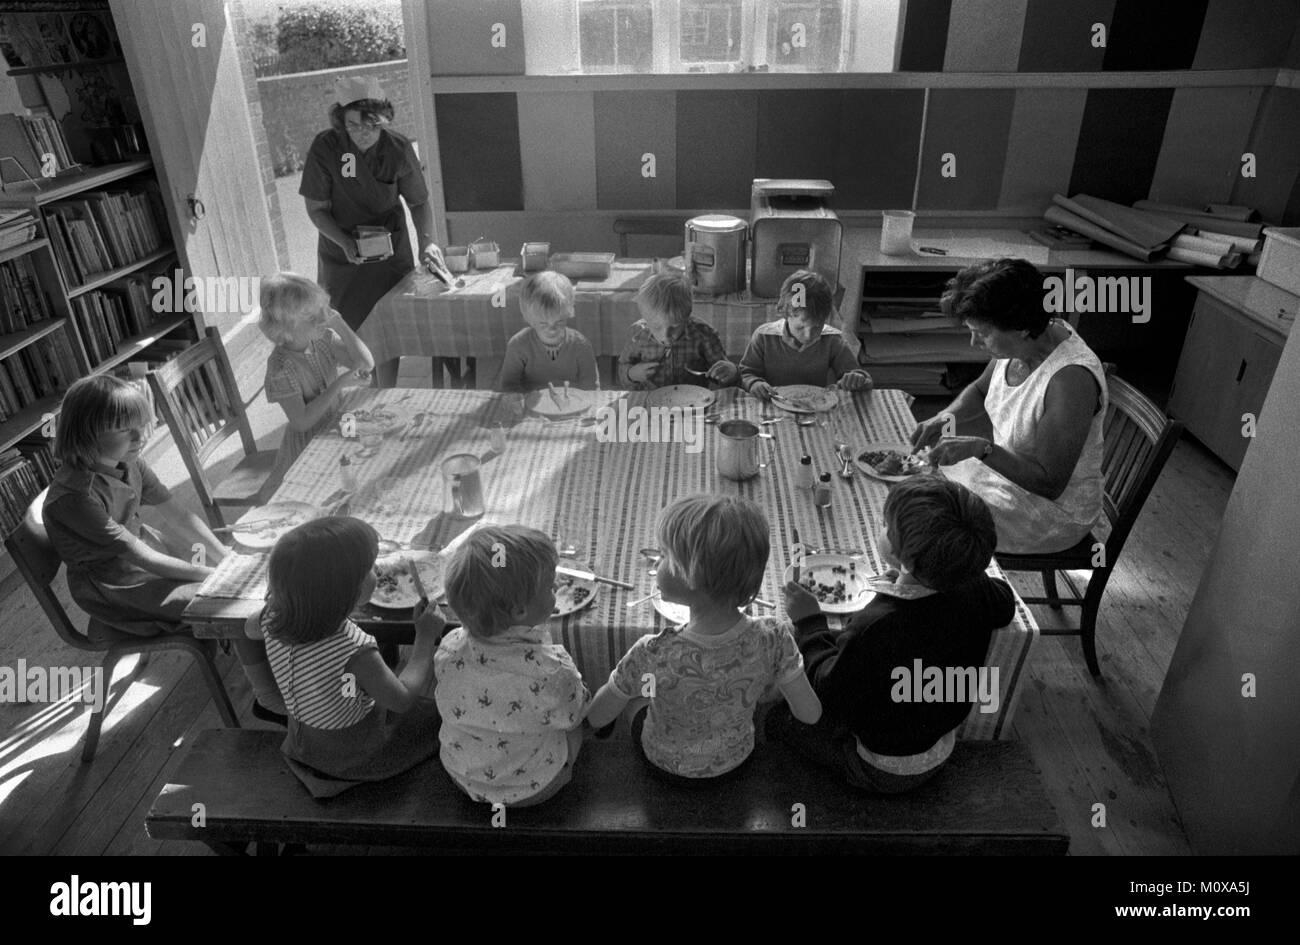 Dorf Grundschule 1970er England. Die Schüler setzen sich mit einem Mitarbeiter an einen Tisch und essen zu Mittag. Stockfoto